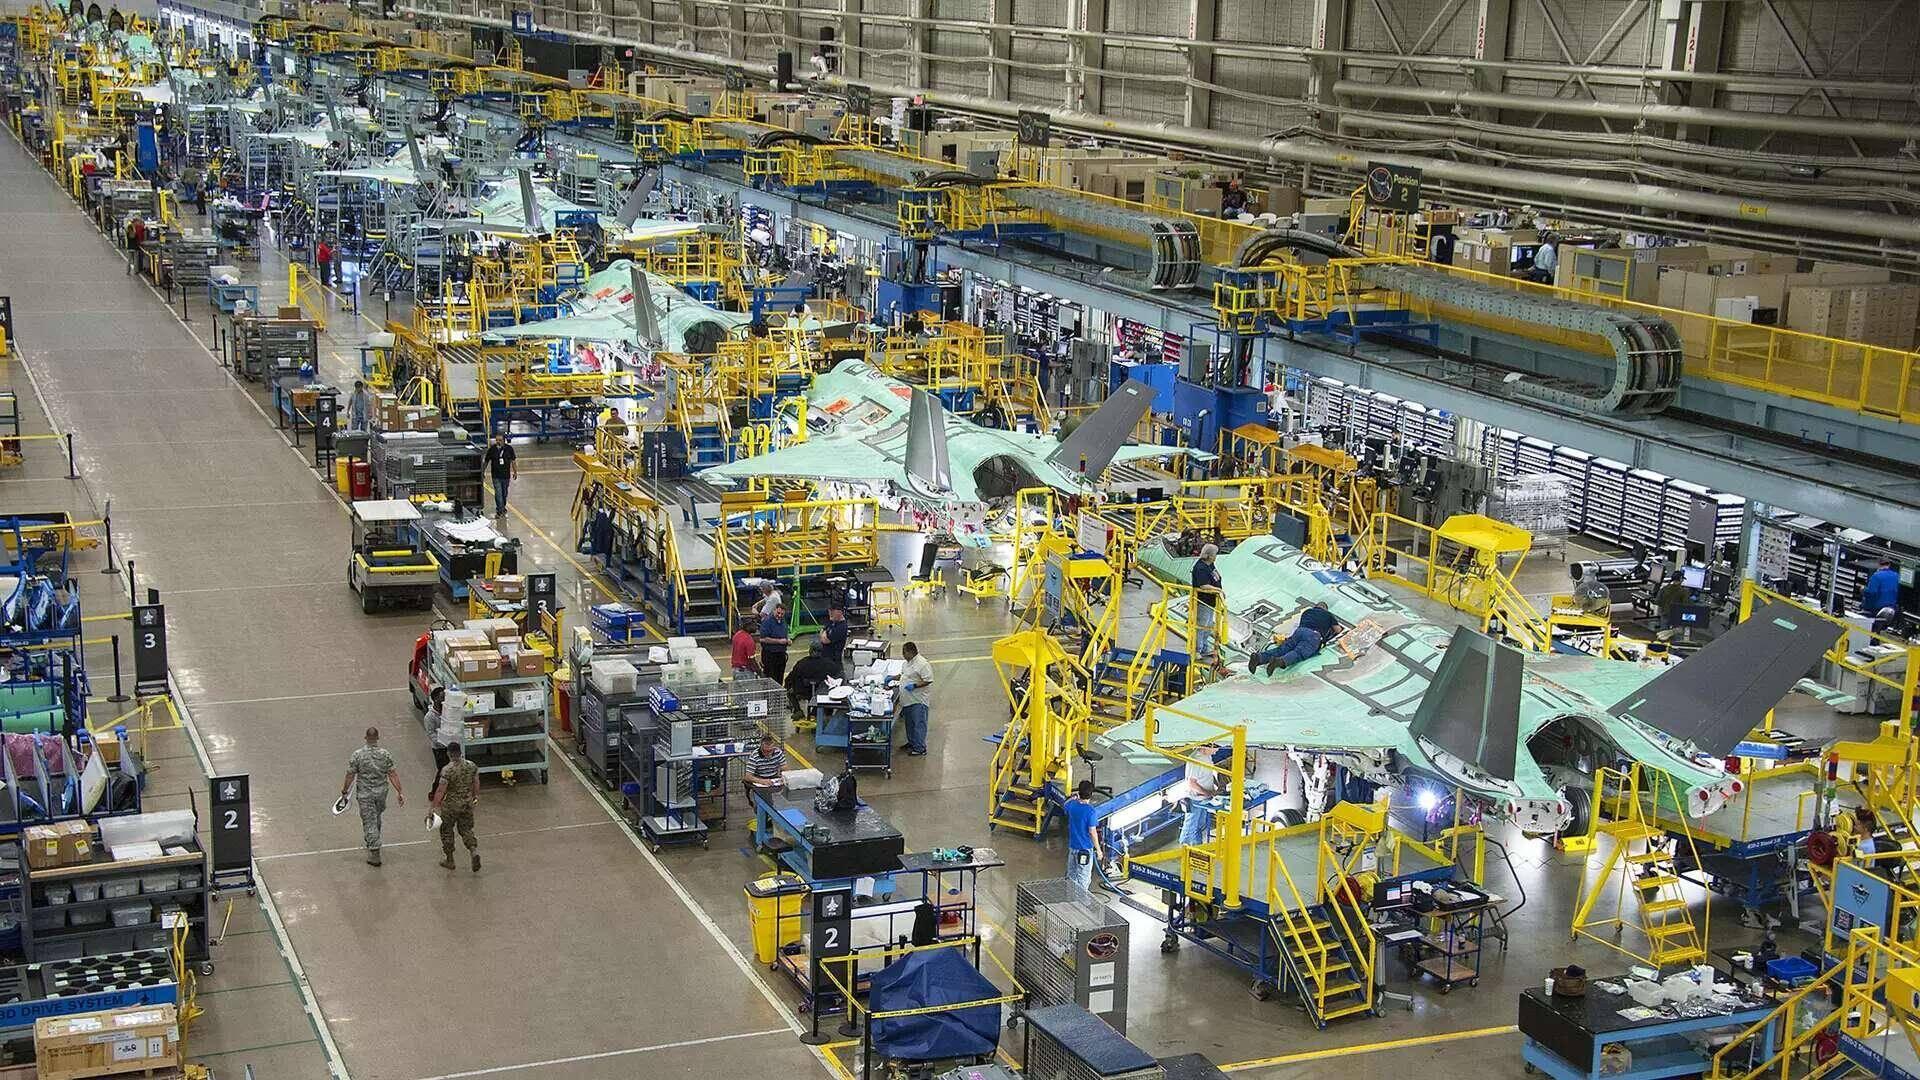 美国向印度推销F35:不料却遭拒绝?绝不给美国人敲竹杠的机会!